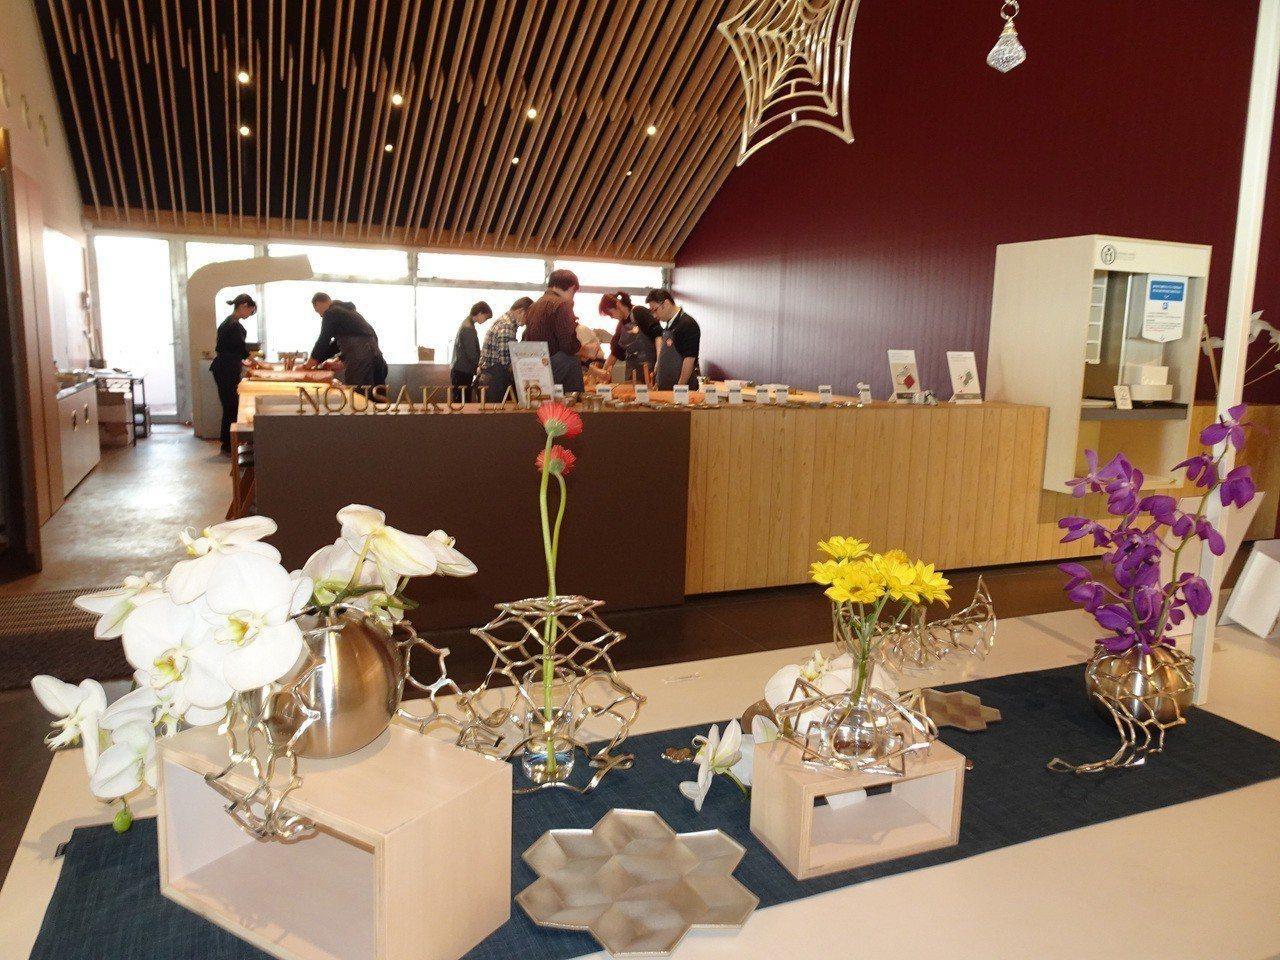 富山縣高岡市的能作在新廠展出雪花盤、魔術籃等產品,雪花盤是與台灣設計師合作的新品...